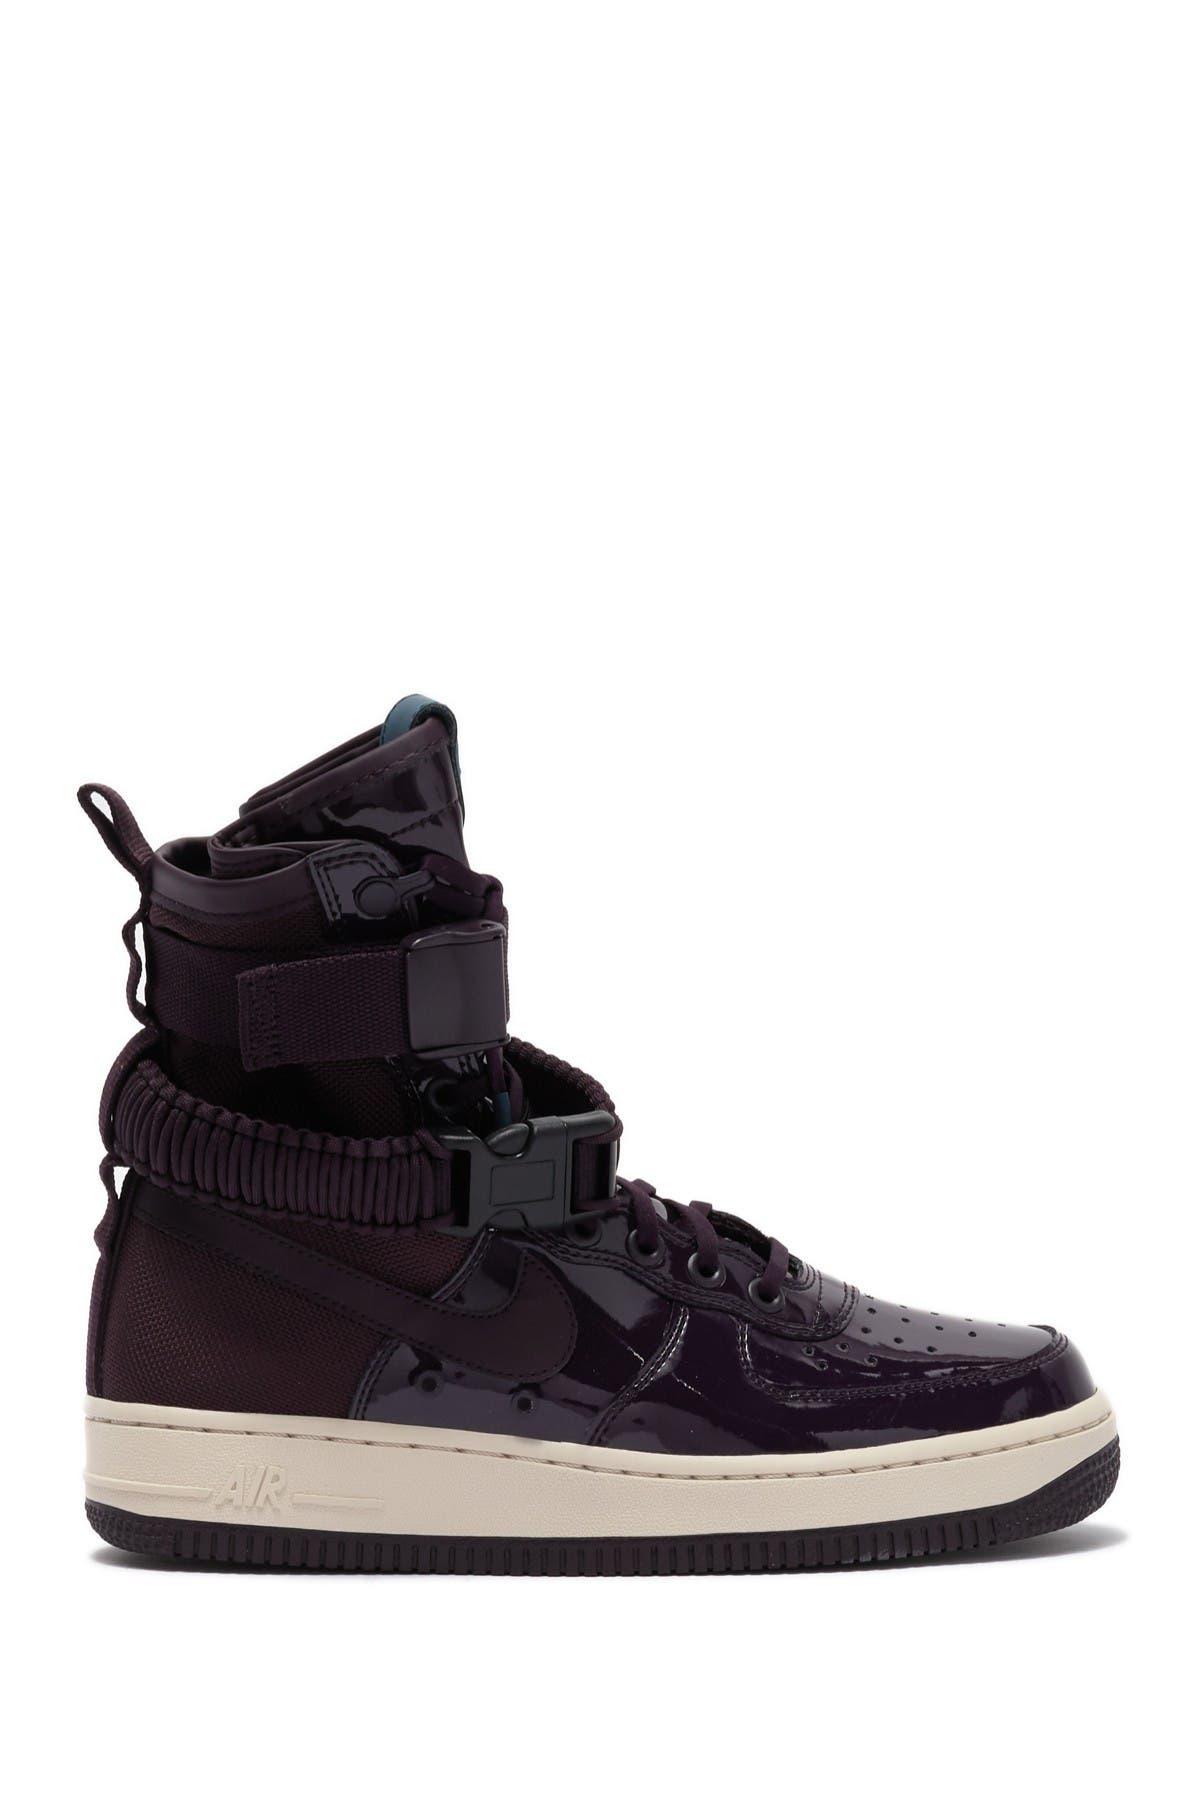 SF Air Force 1 SE Premium Sneaker